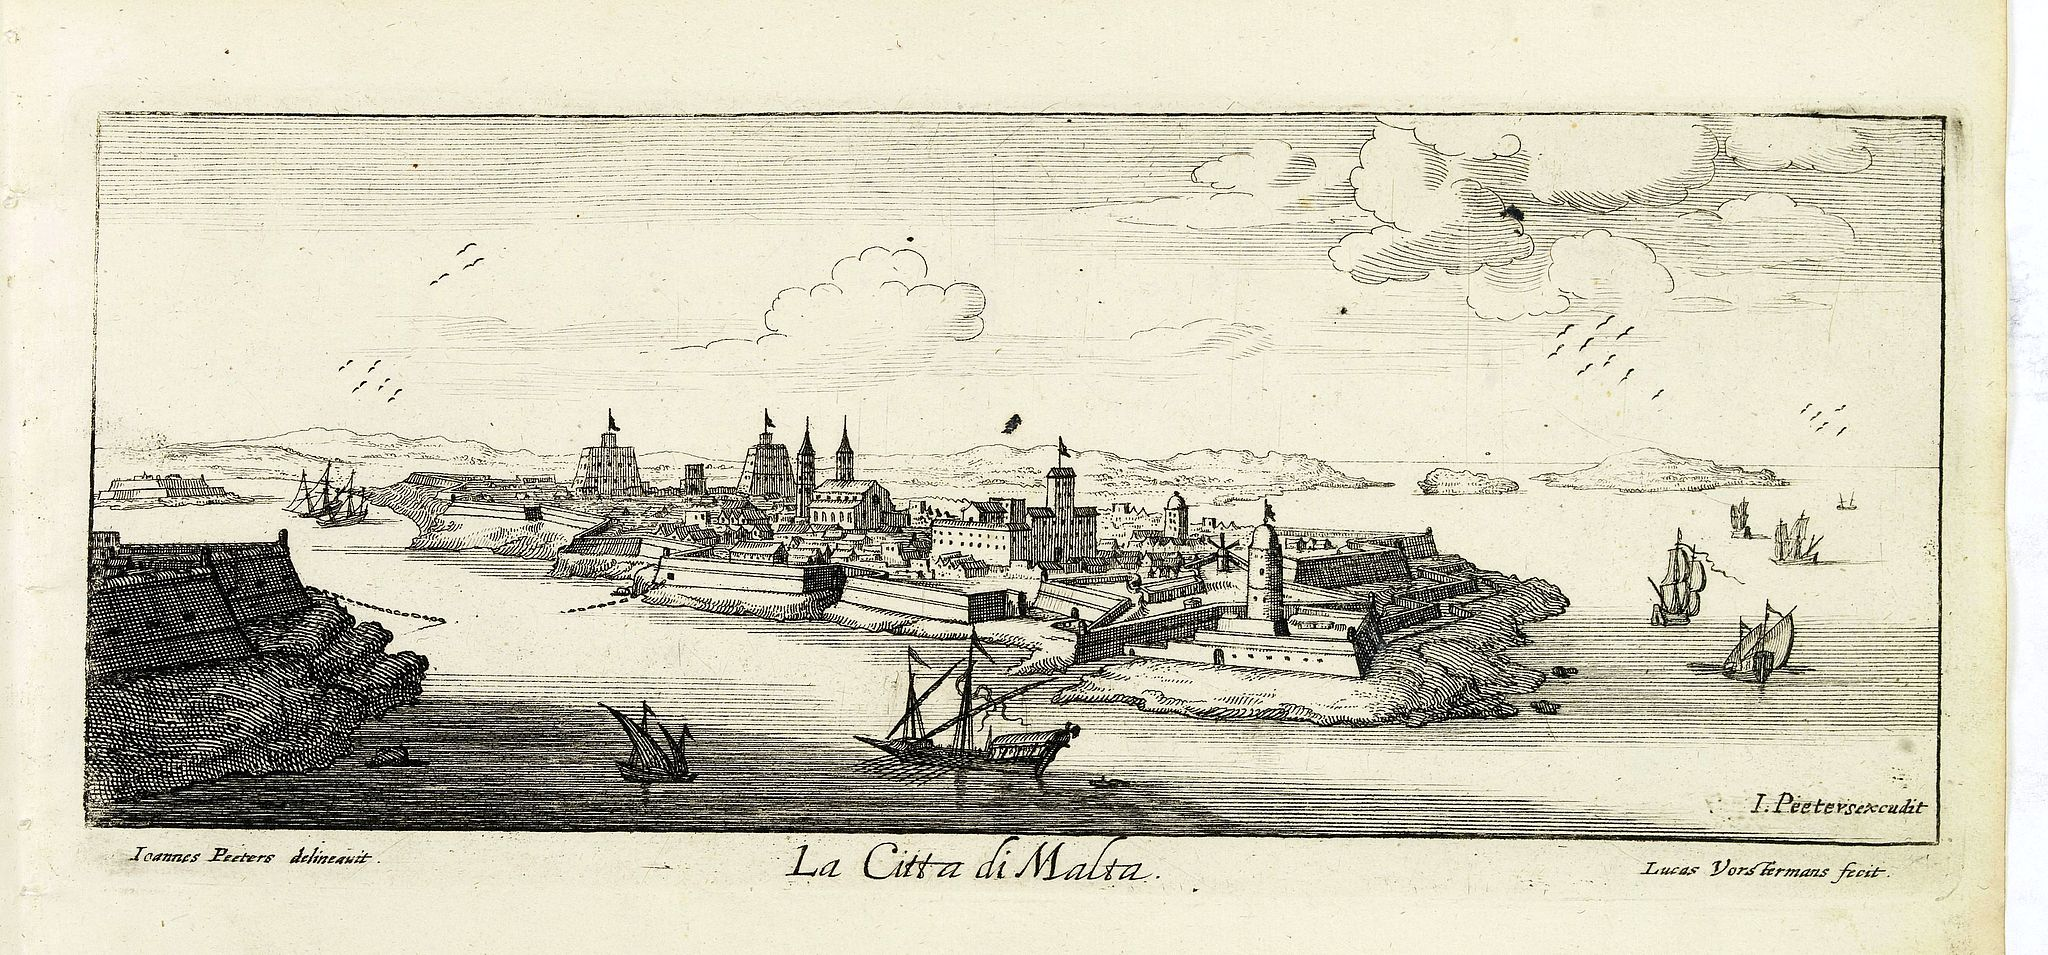 PEETERS, J. / VOSTERMANS II, L. -  La Citta di Malta.